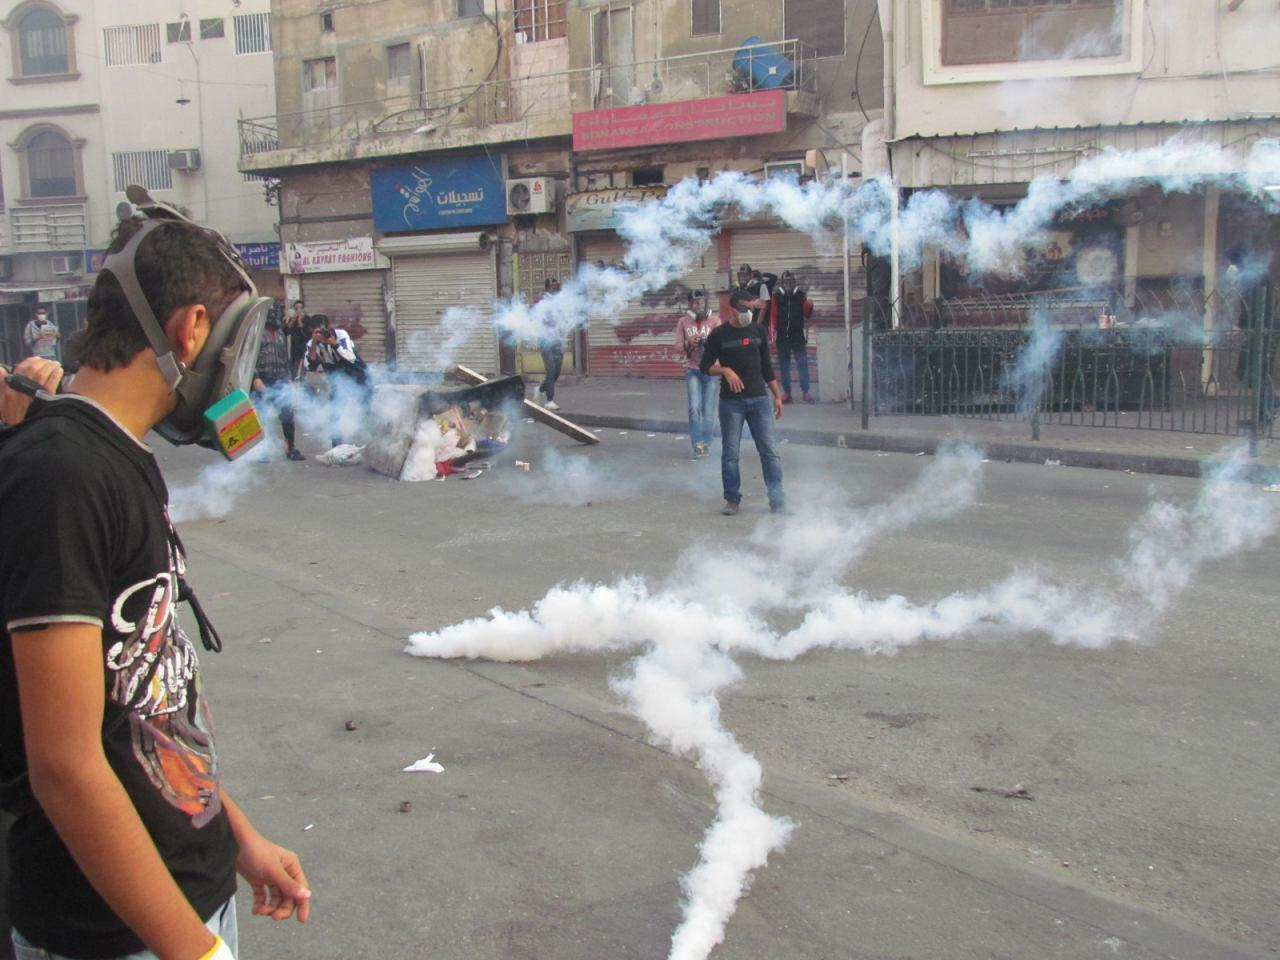 تصویر اعتراض شیعه رايتس واچ ، به نقض حقوق شیعیان در بحرین